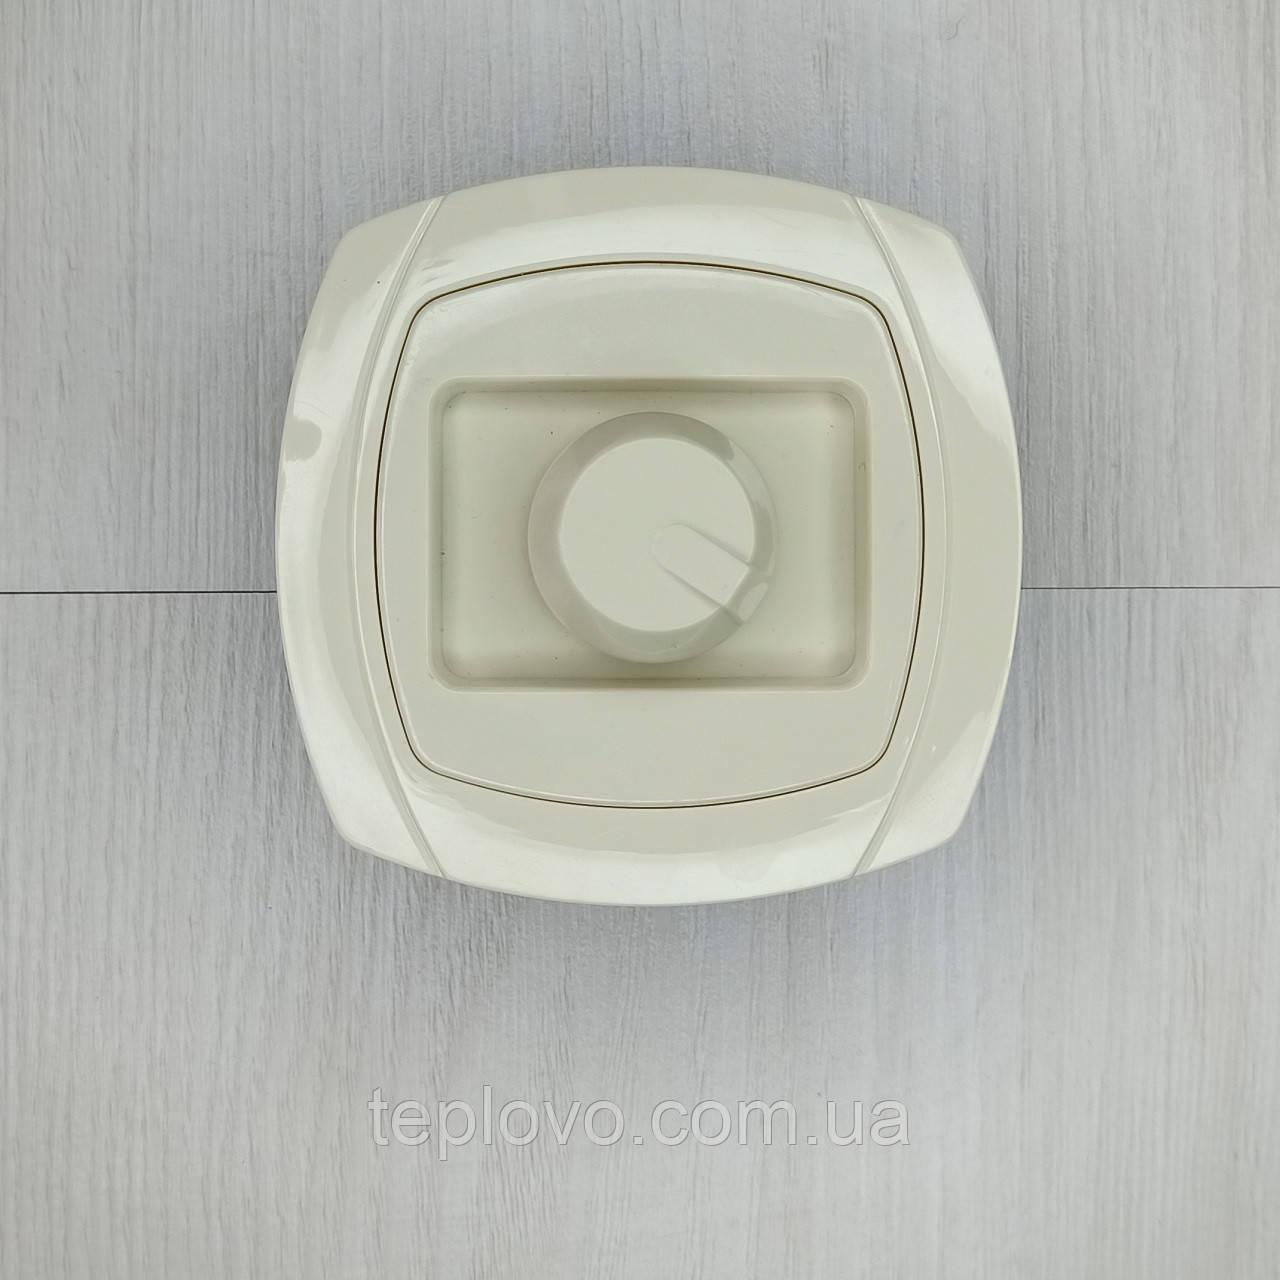 Диммер (реостат) универсальный кремовый, 400 Вт, светорегулятор